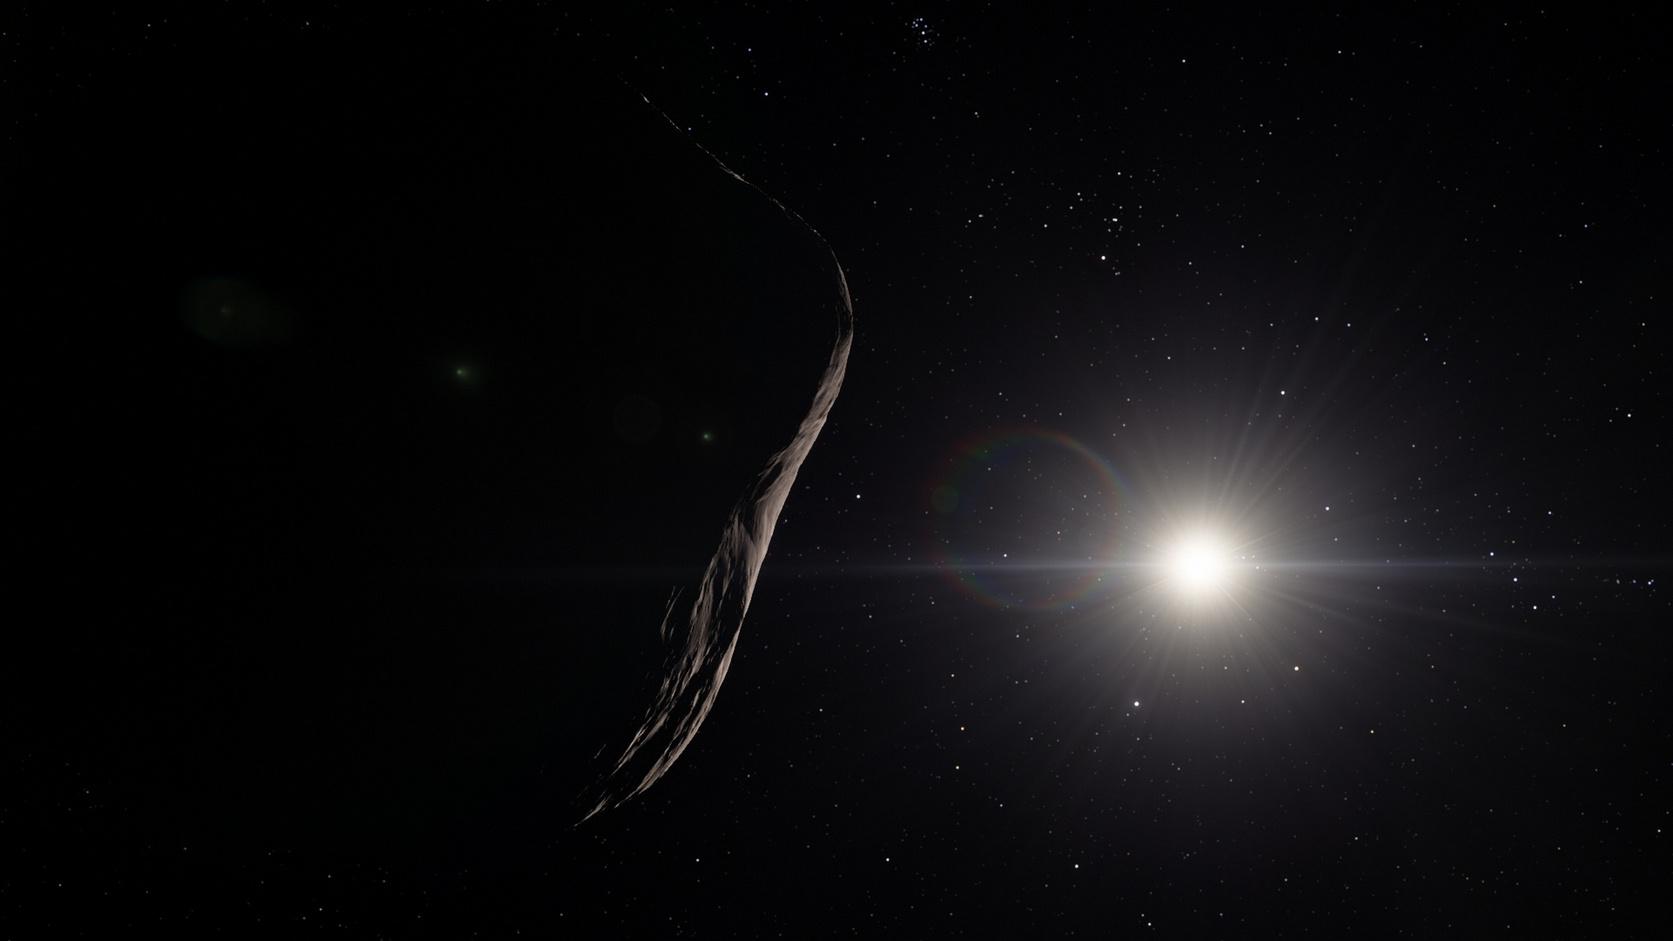 Az Oumuamua aszteroida lázban tartja a kutatókat (Fotó: Shutterstock)